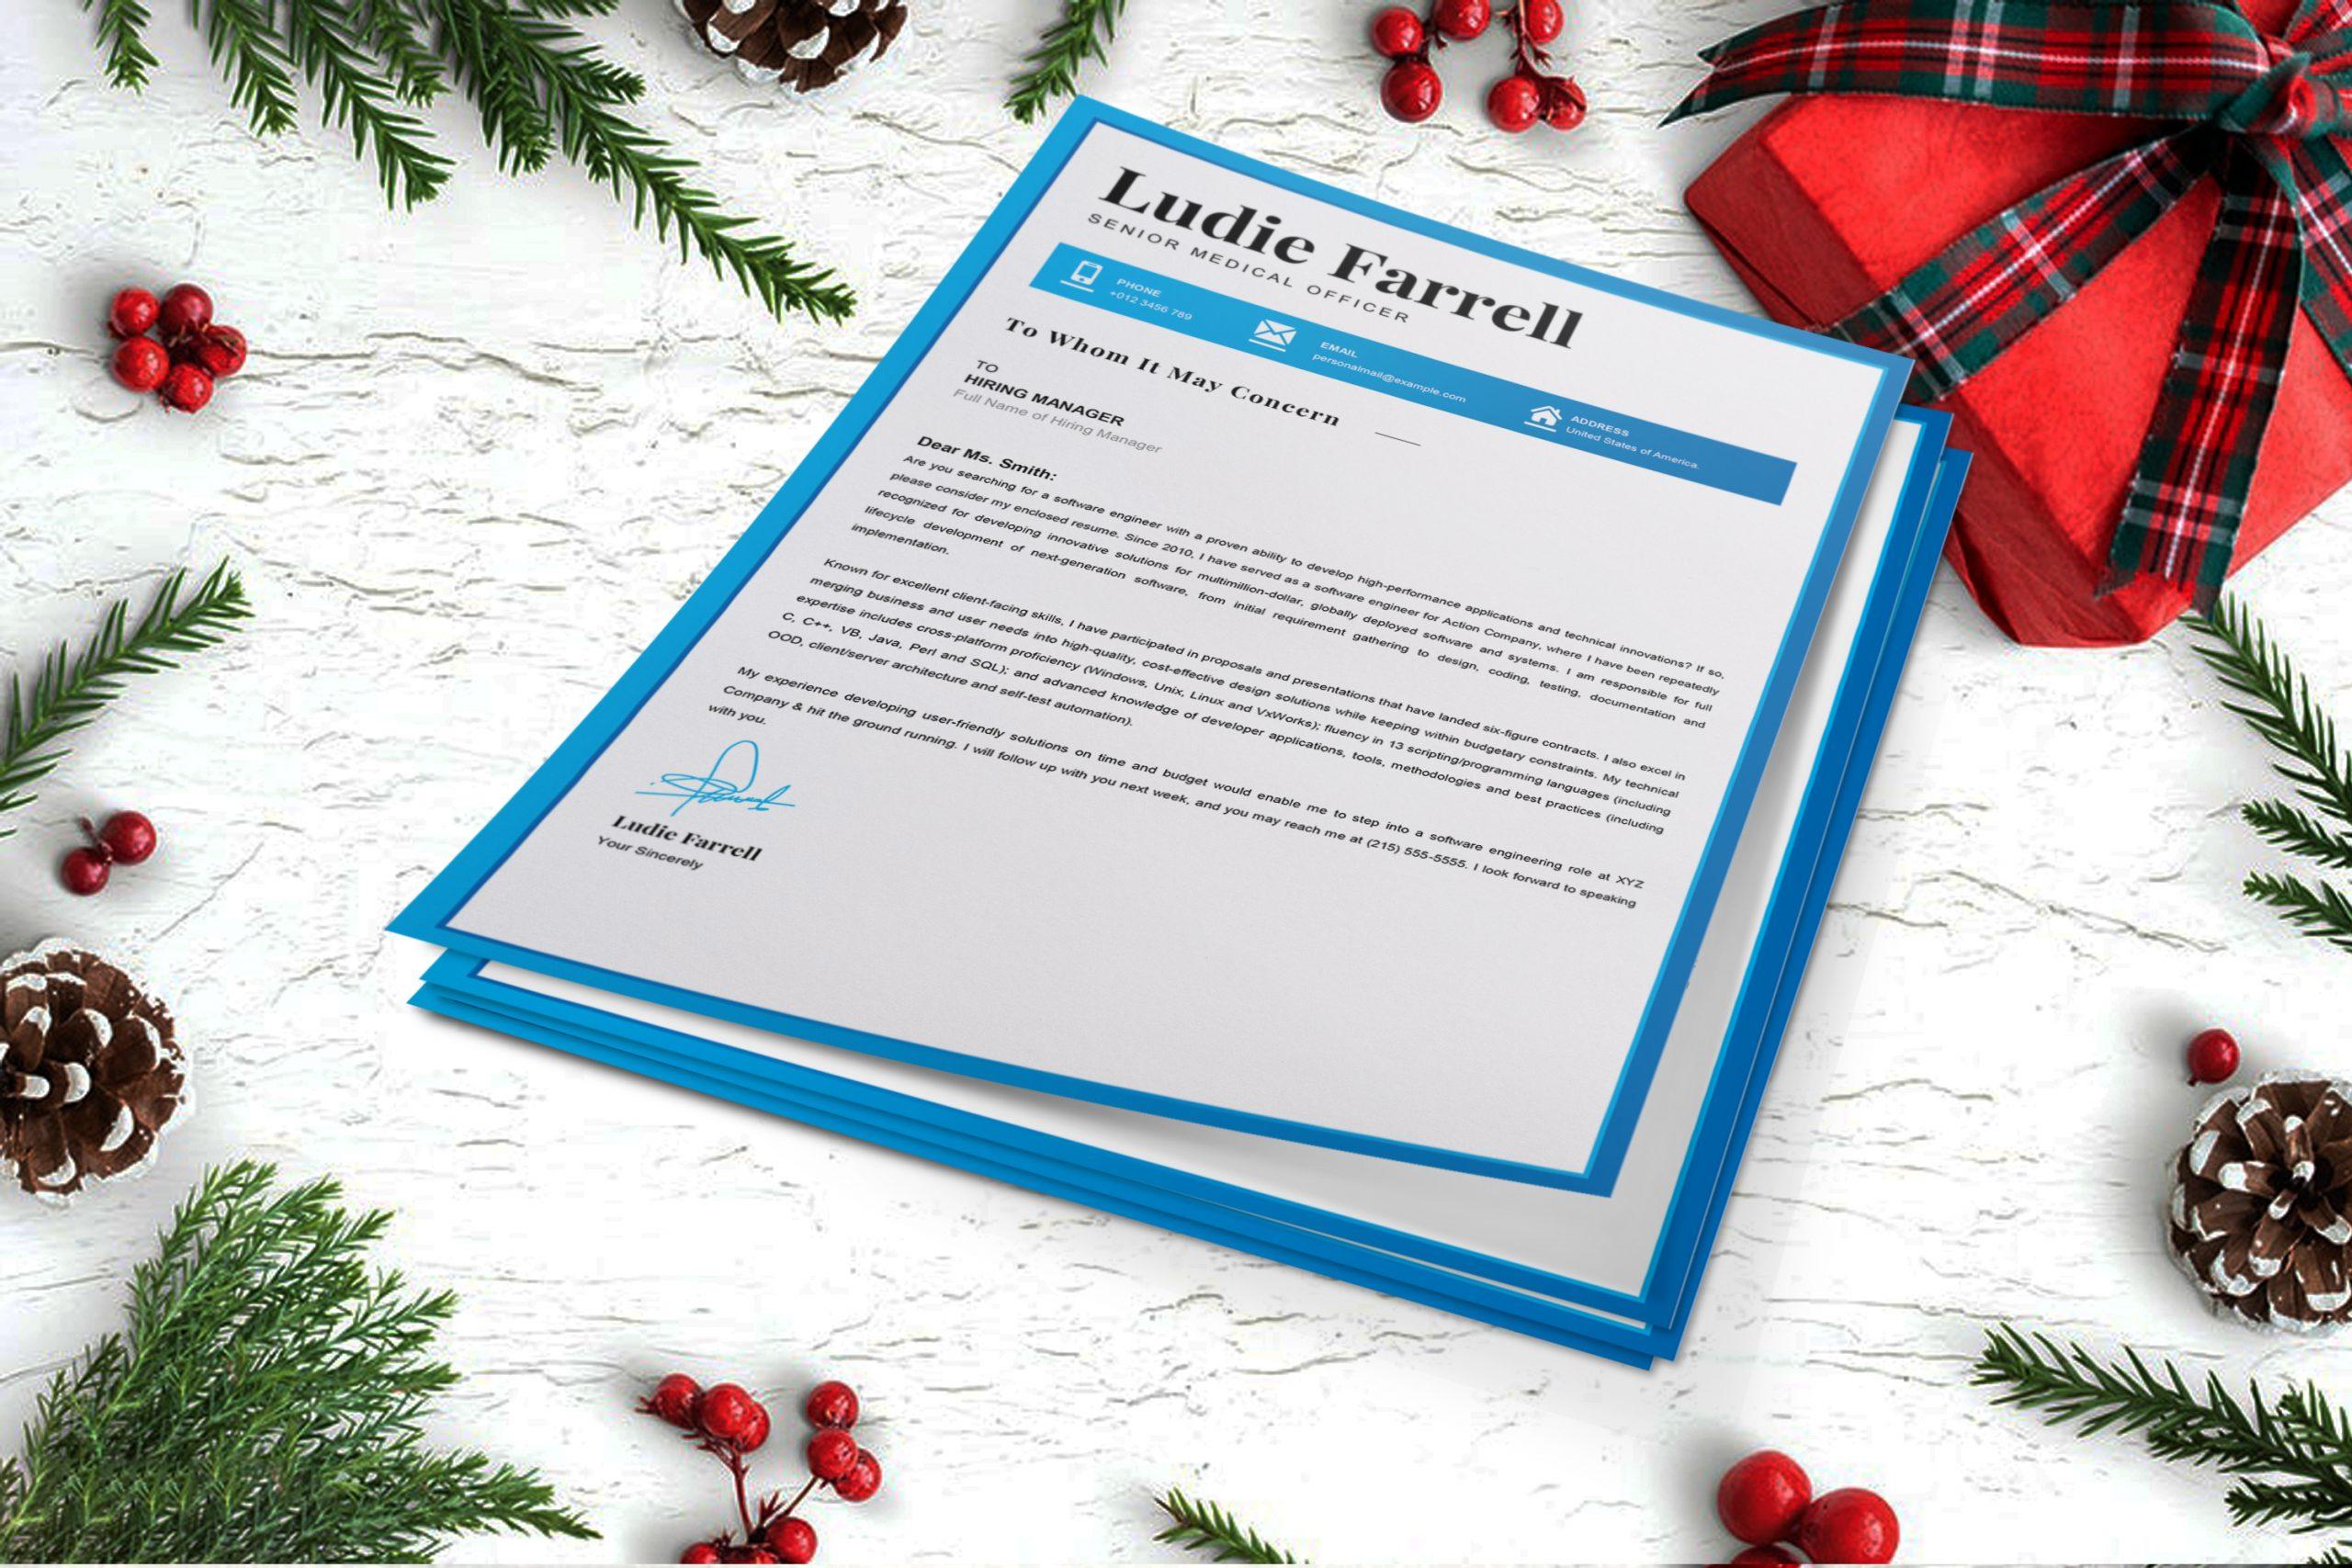 Senior-Medical-Officer-Cover-Letter-Template-3